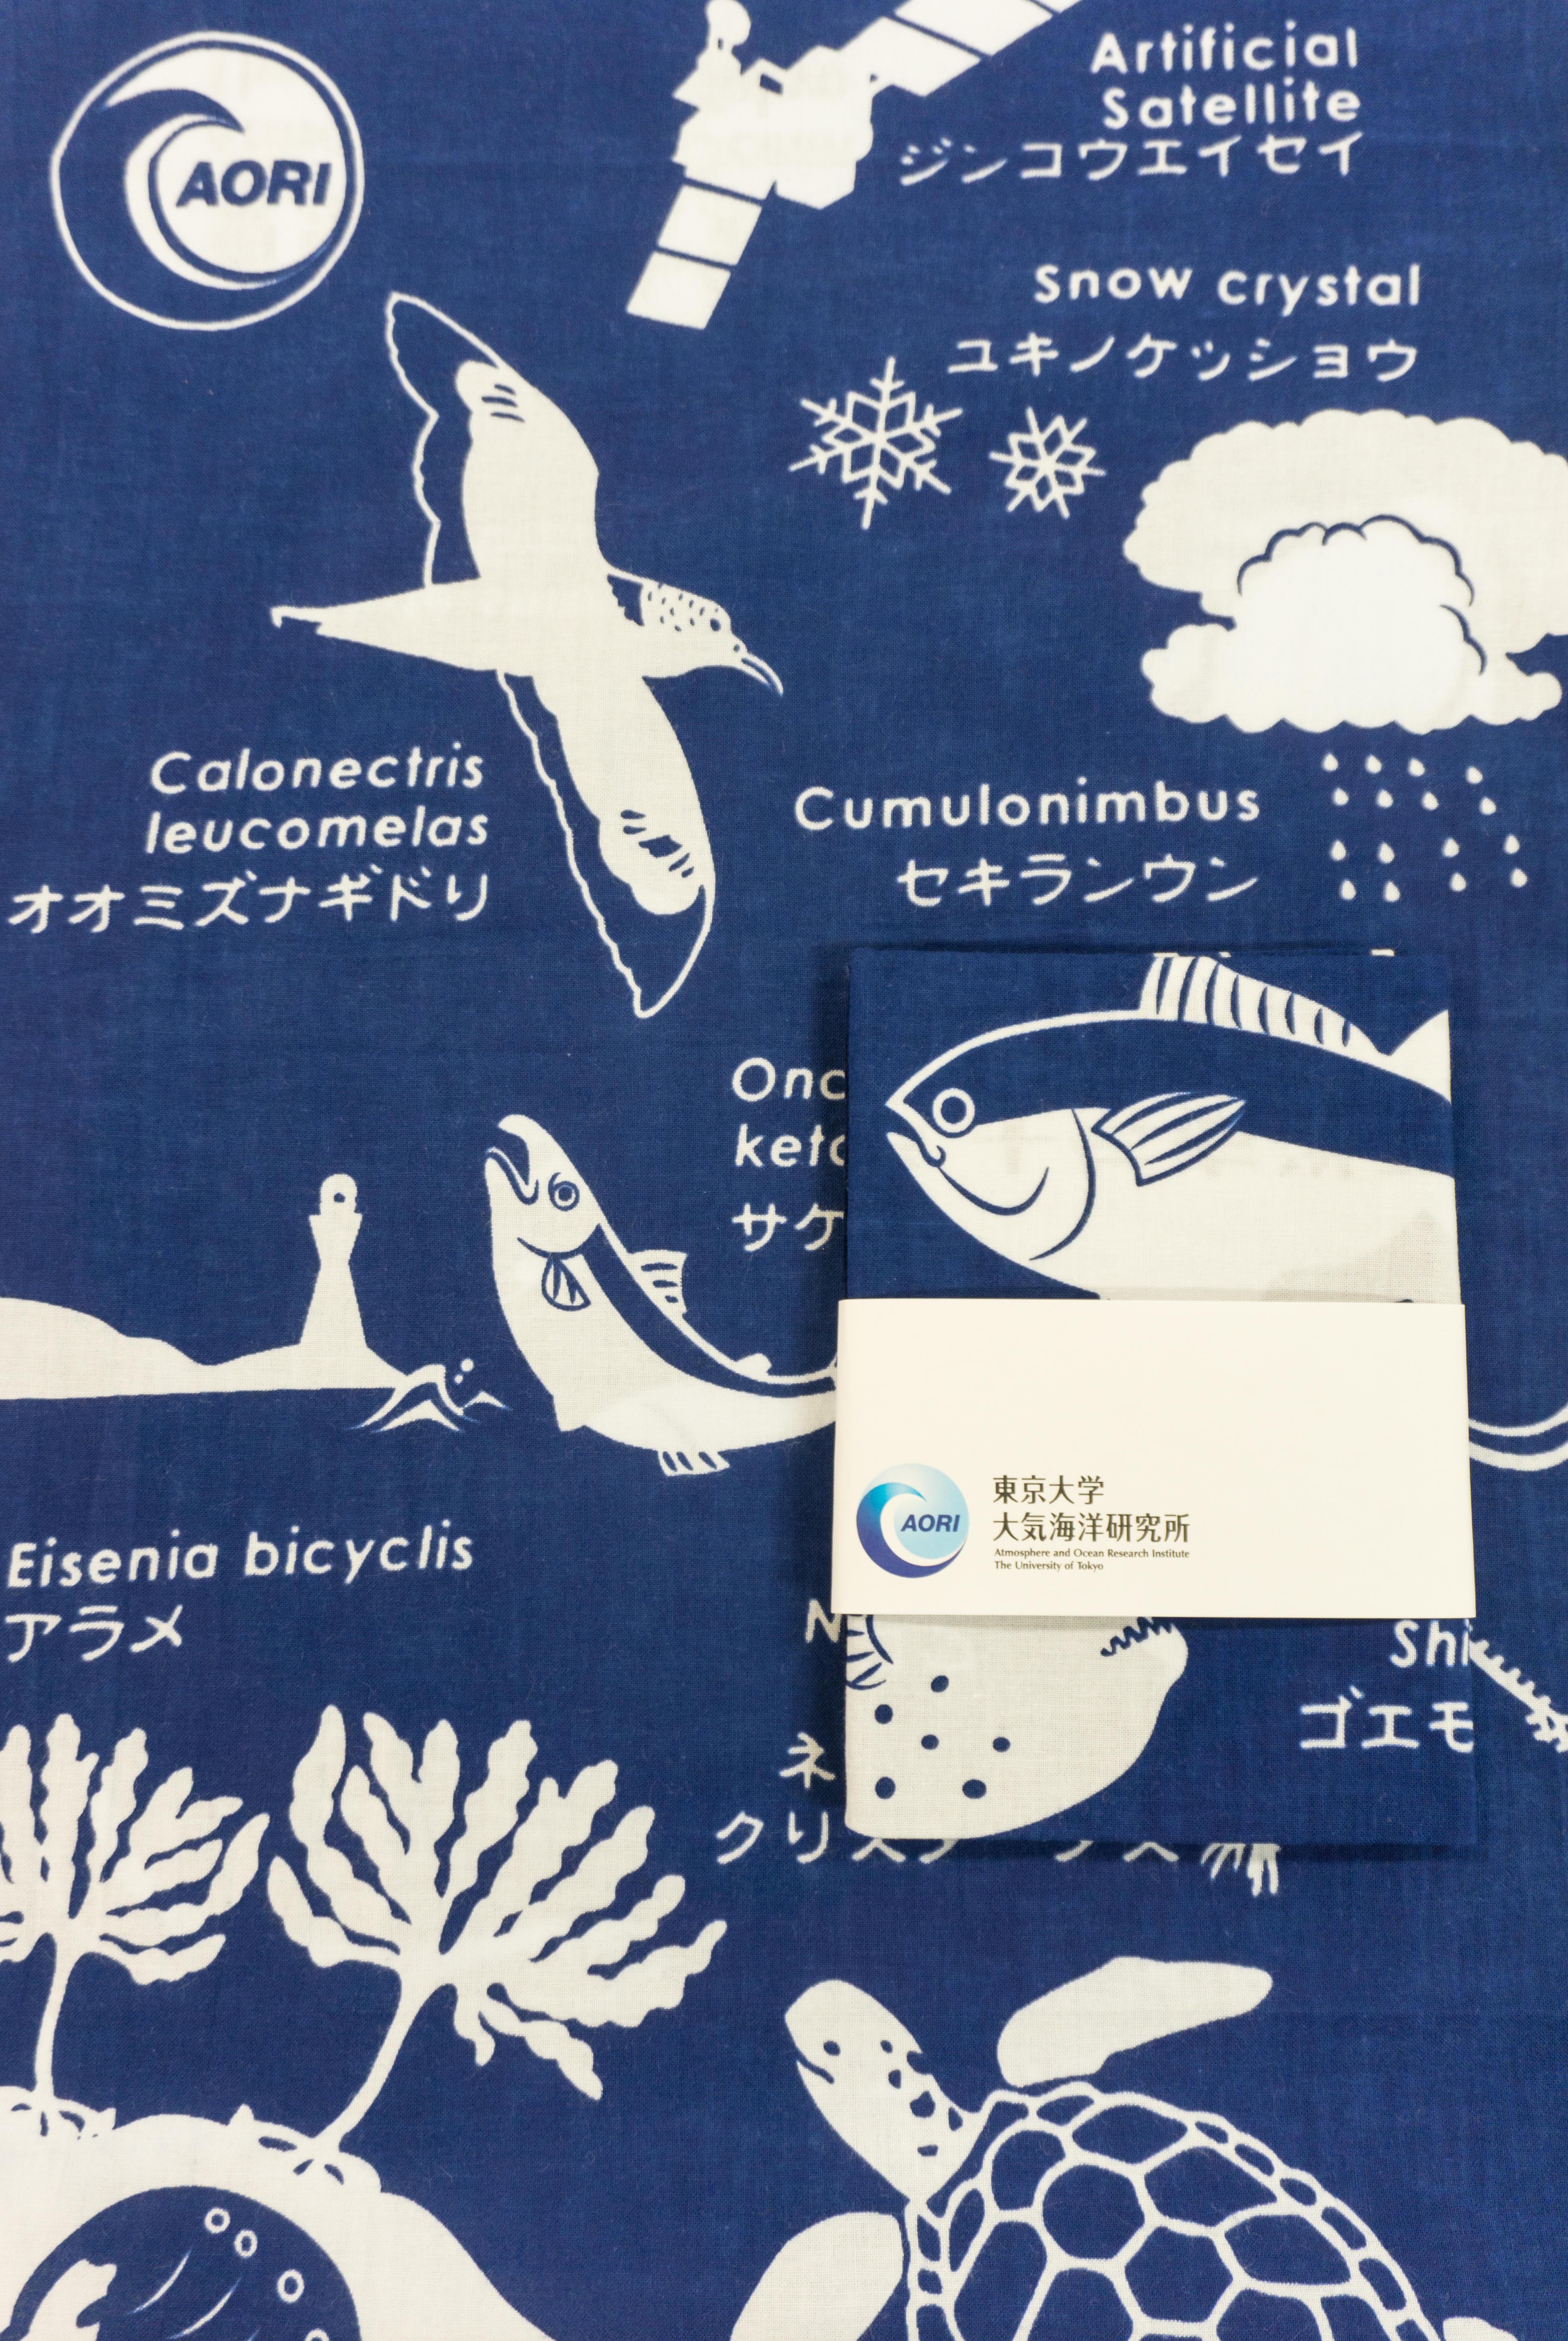 大気海洋研究所オリジナルてぬぐいを5/1よりオンラインで限定販売 -- 東京大学